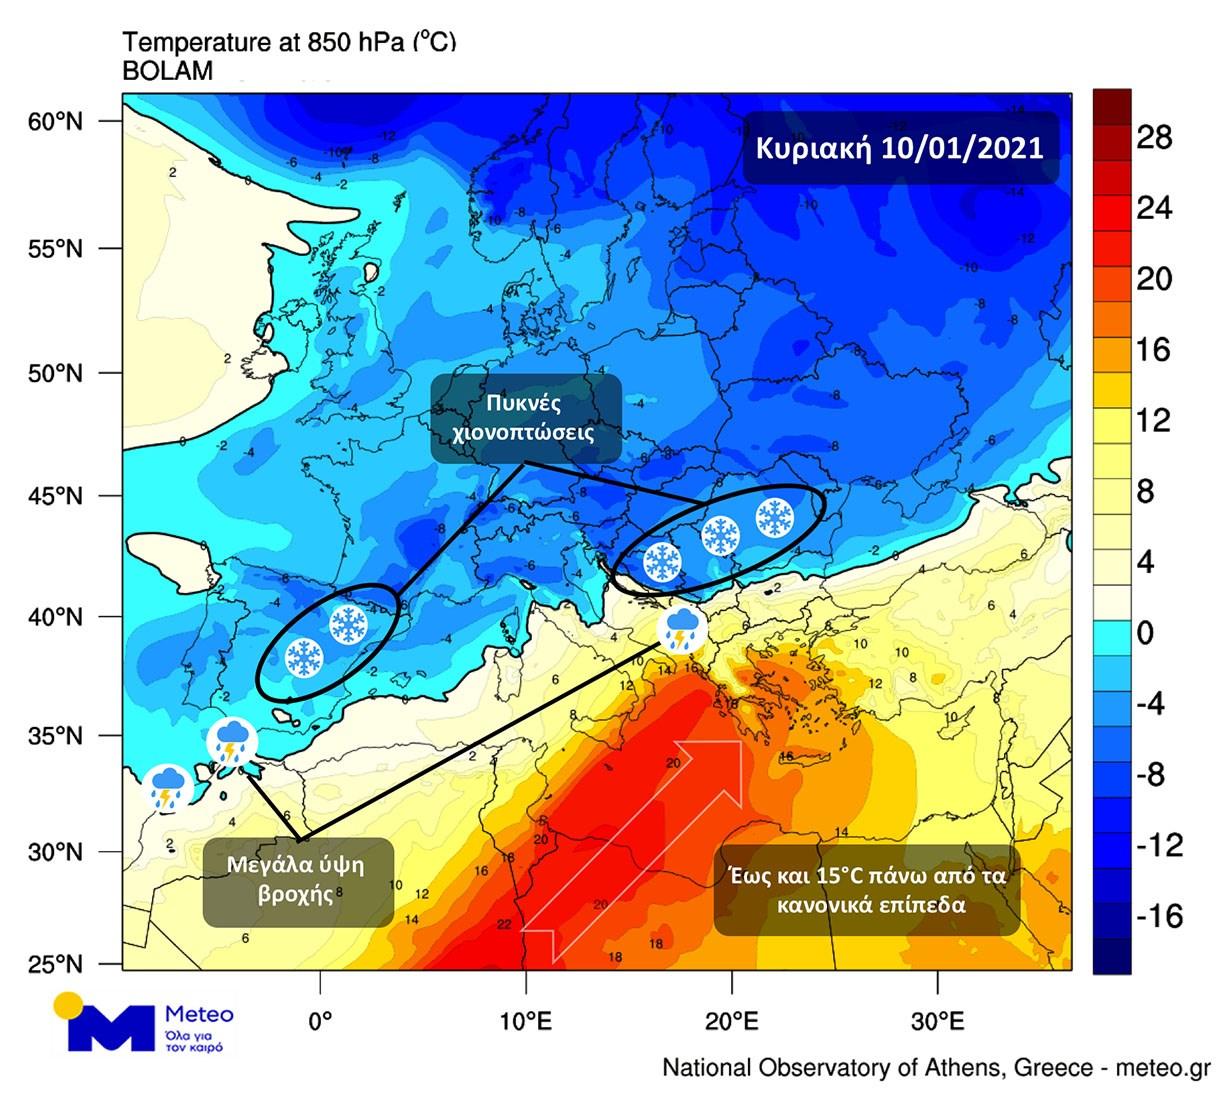 """Ο καιρός """"τρελάθηκε"""" στην Ευρώπη: Θερμή """"εισβολή"""" στην Ελλάδα, χιόνια στην Ιβηρική Χερσόνησο"""